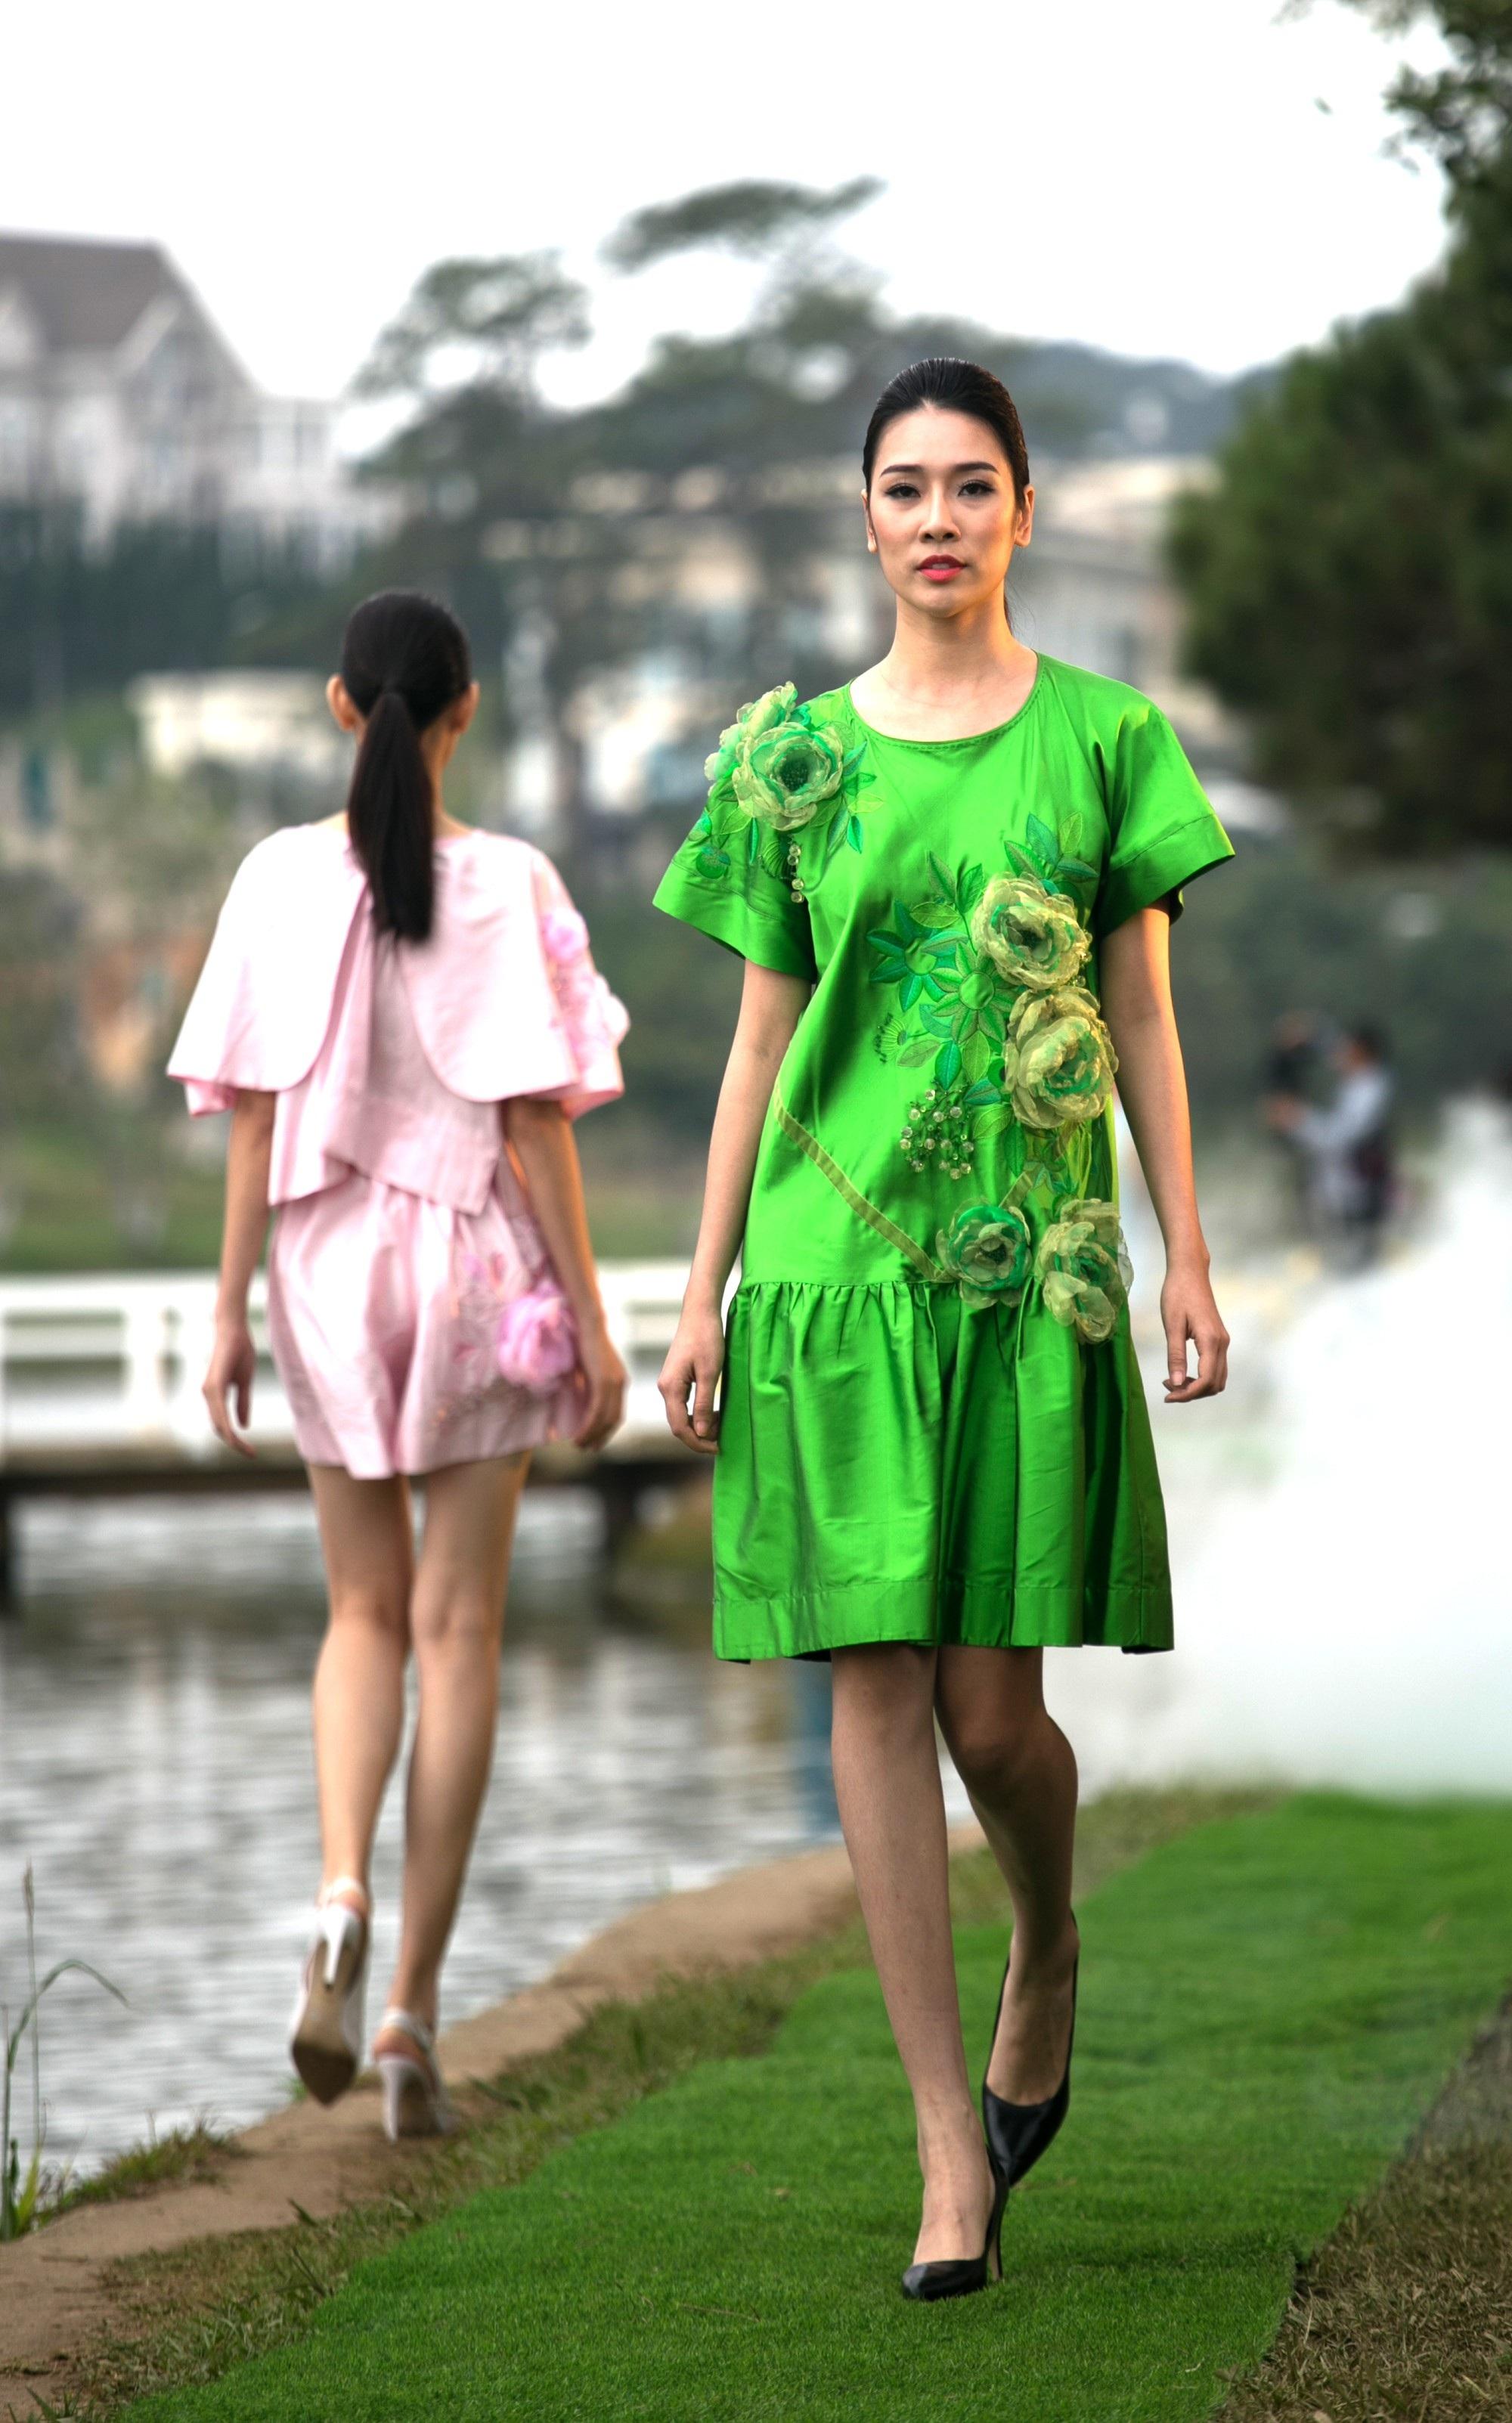 Vẽ tình ca bằng lụa Bảo Lộc và thổ cẩm K'Ho, Châu Mạ bên hồ Xuân Hương - Ảnh 25.